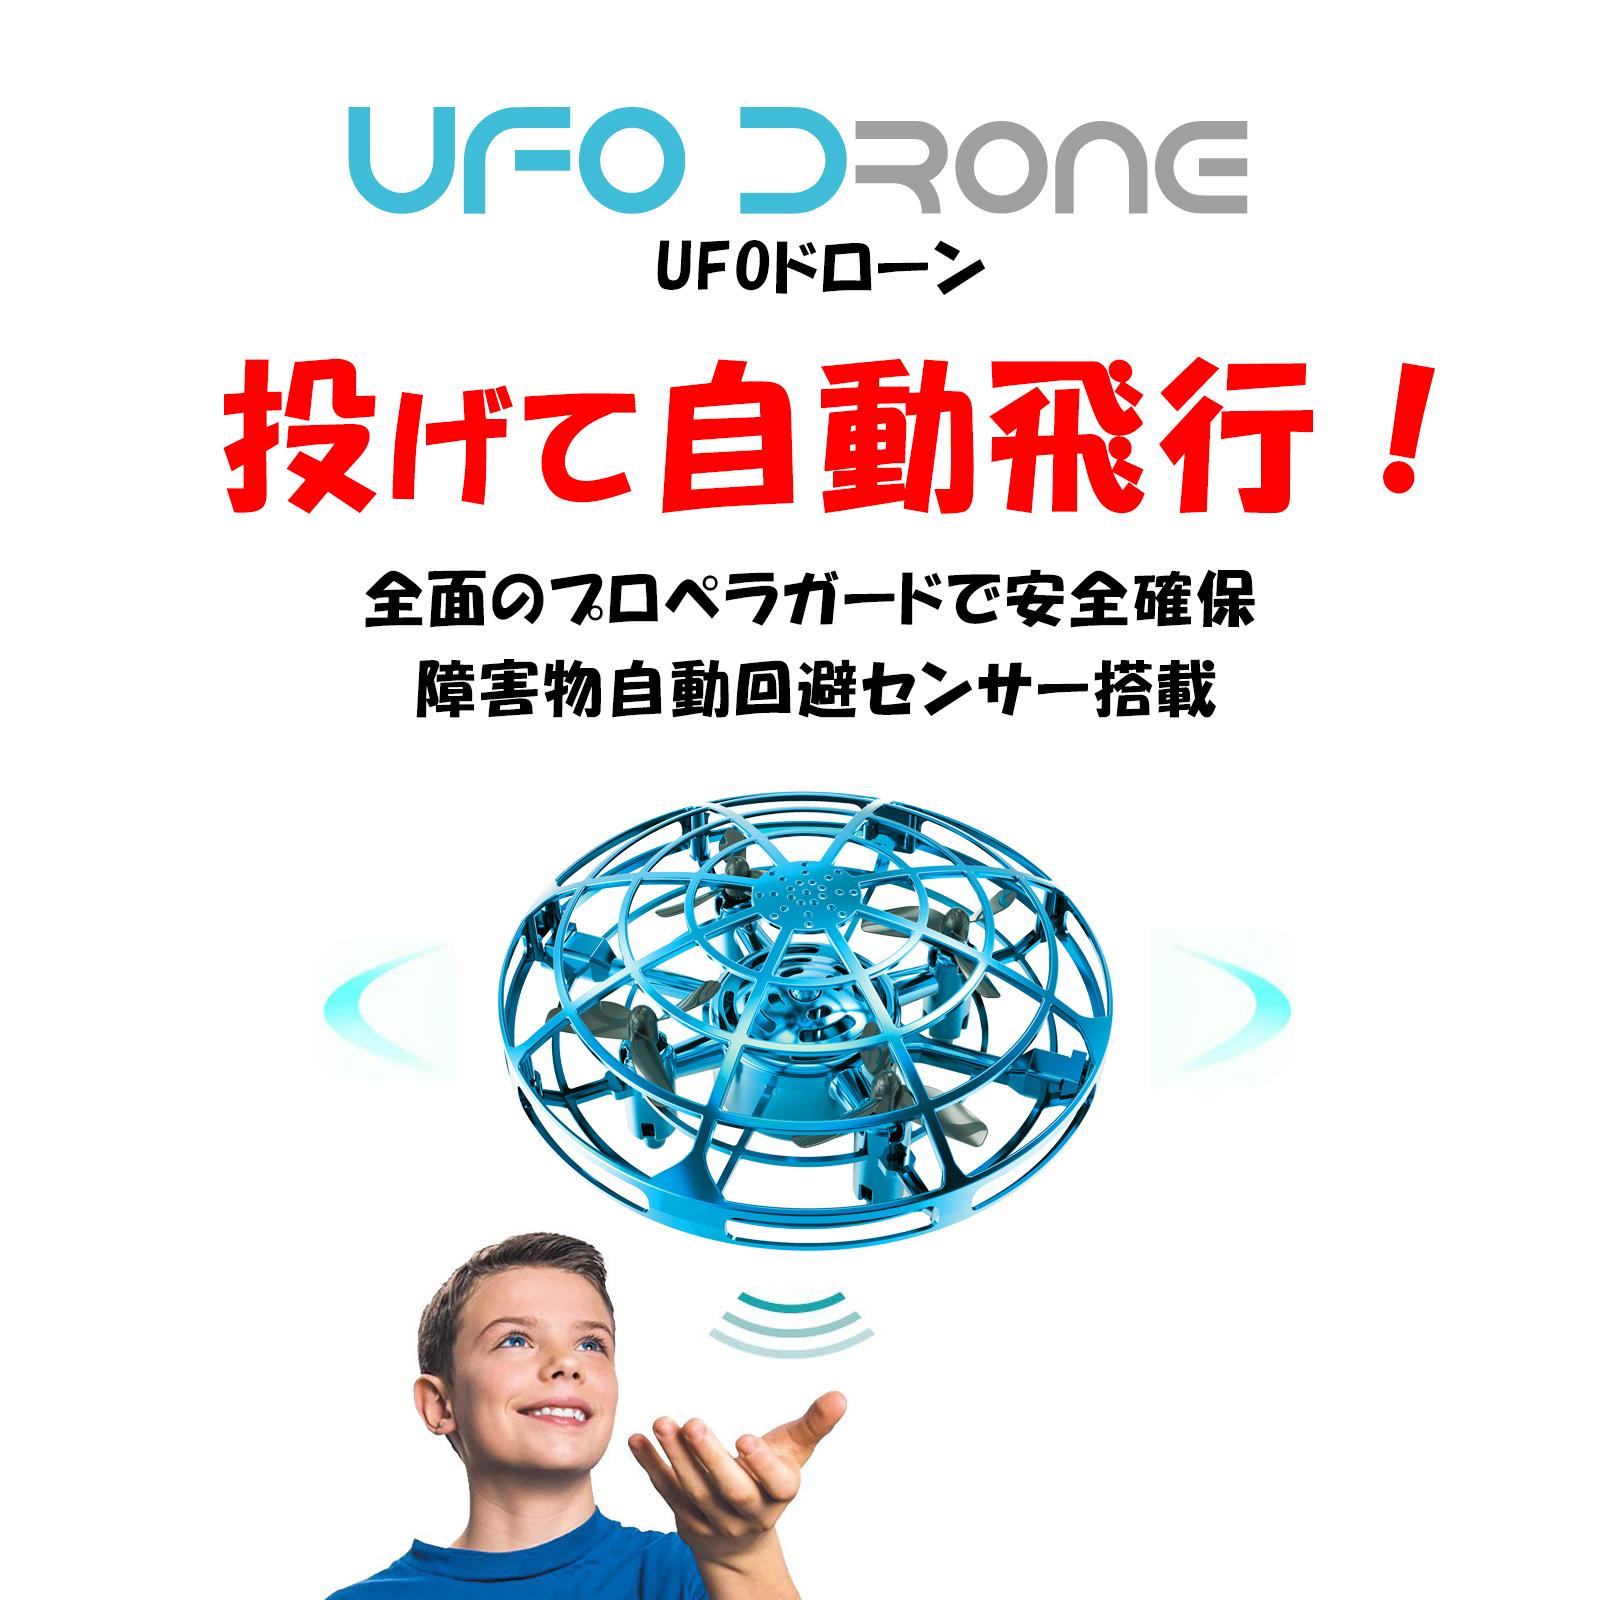 投げて自動飛行! UFO Drone(UFOドローン)は子供やドローン初心者から大人まで楽しめるトイドローン。柔らかいドーム型のプロペラガードにより、ぶつかっても安全で壁や床を傷付けません。障害物自動回避センサーを搭載。手を離すと飛行開始。